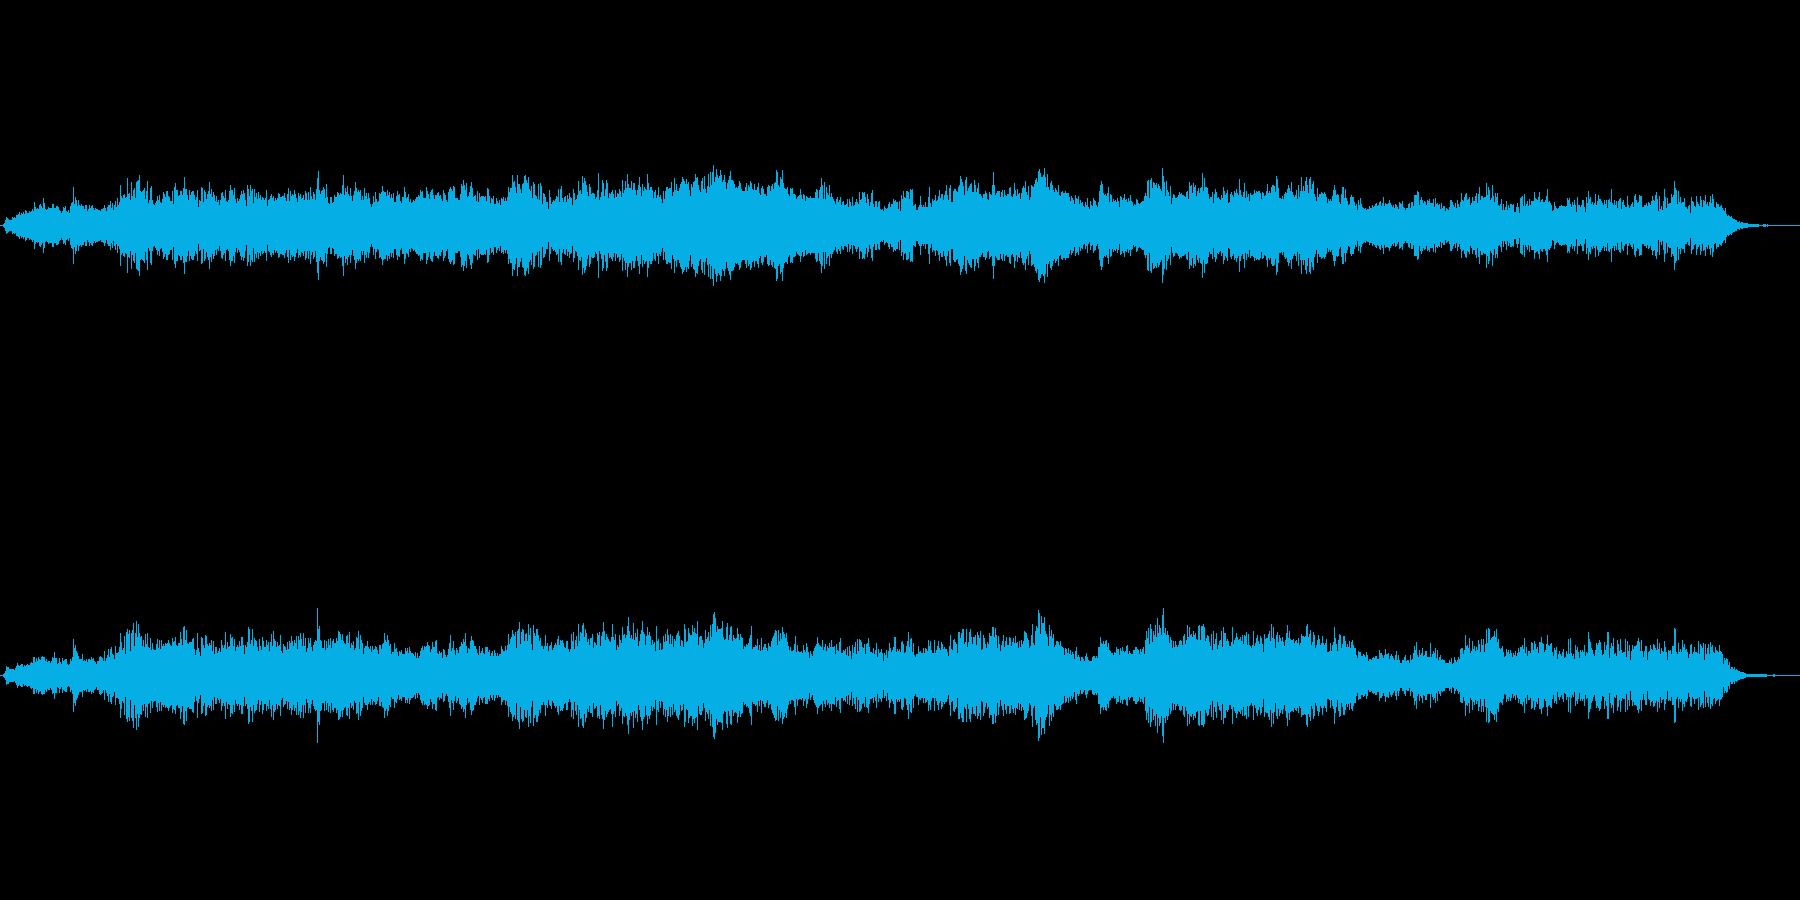 【効果音】ホラー系環境音(アンビエント)の再生済みの波形